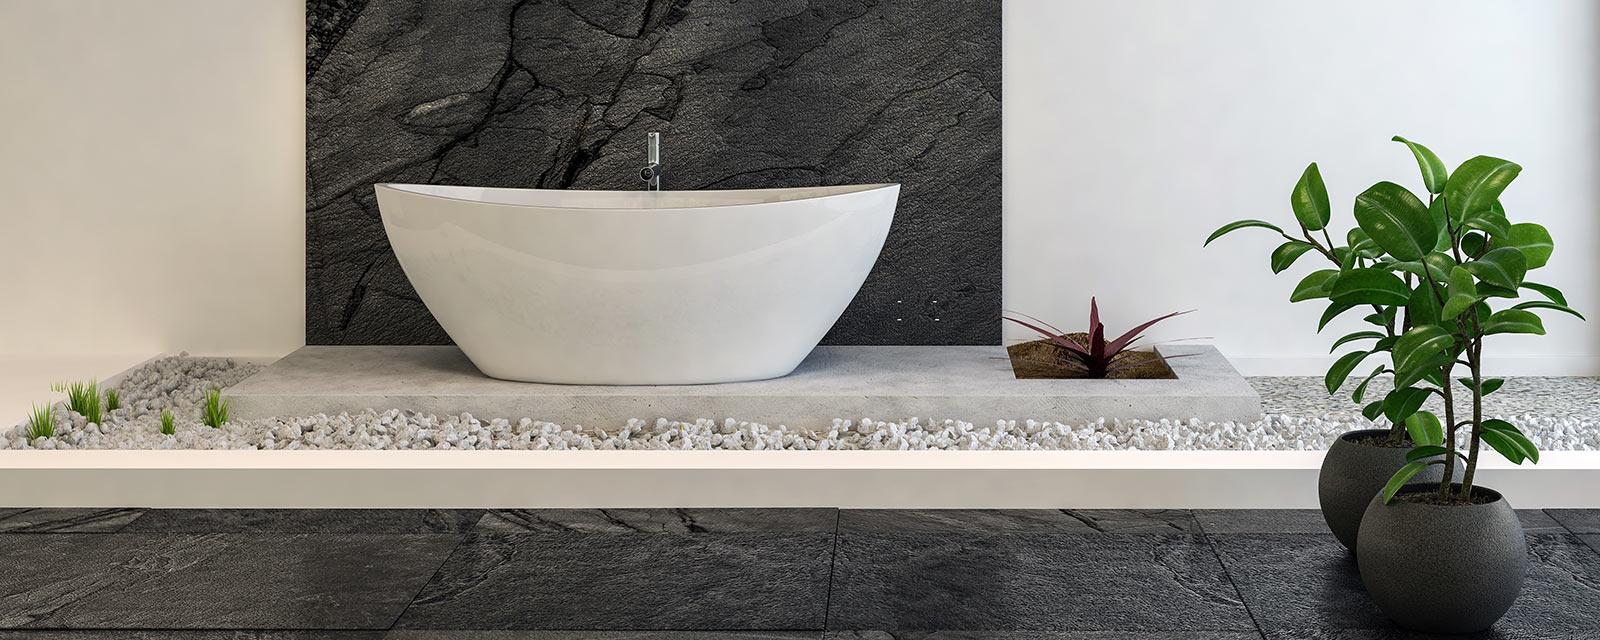 Salle De Bain Revetement des galets dans la salle de bain | guide artisan